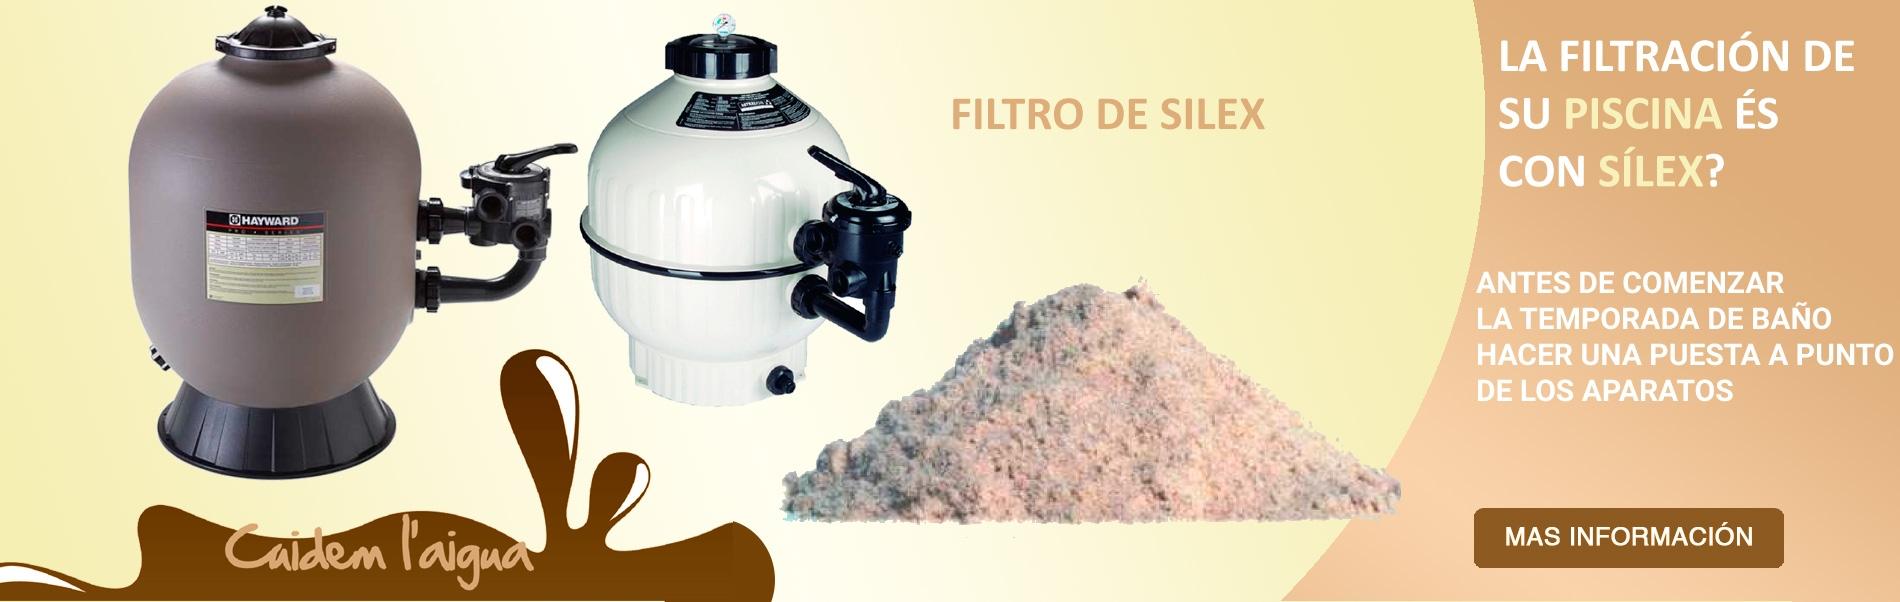 Mantenimientos filtros silex